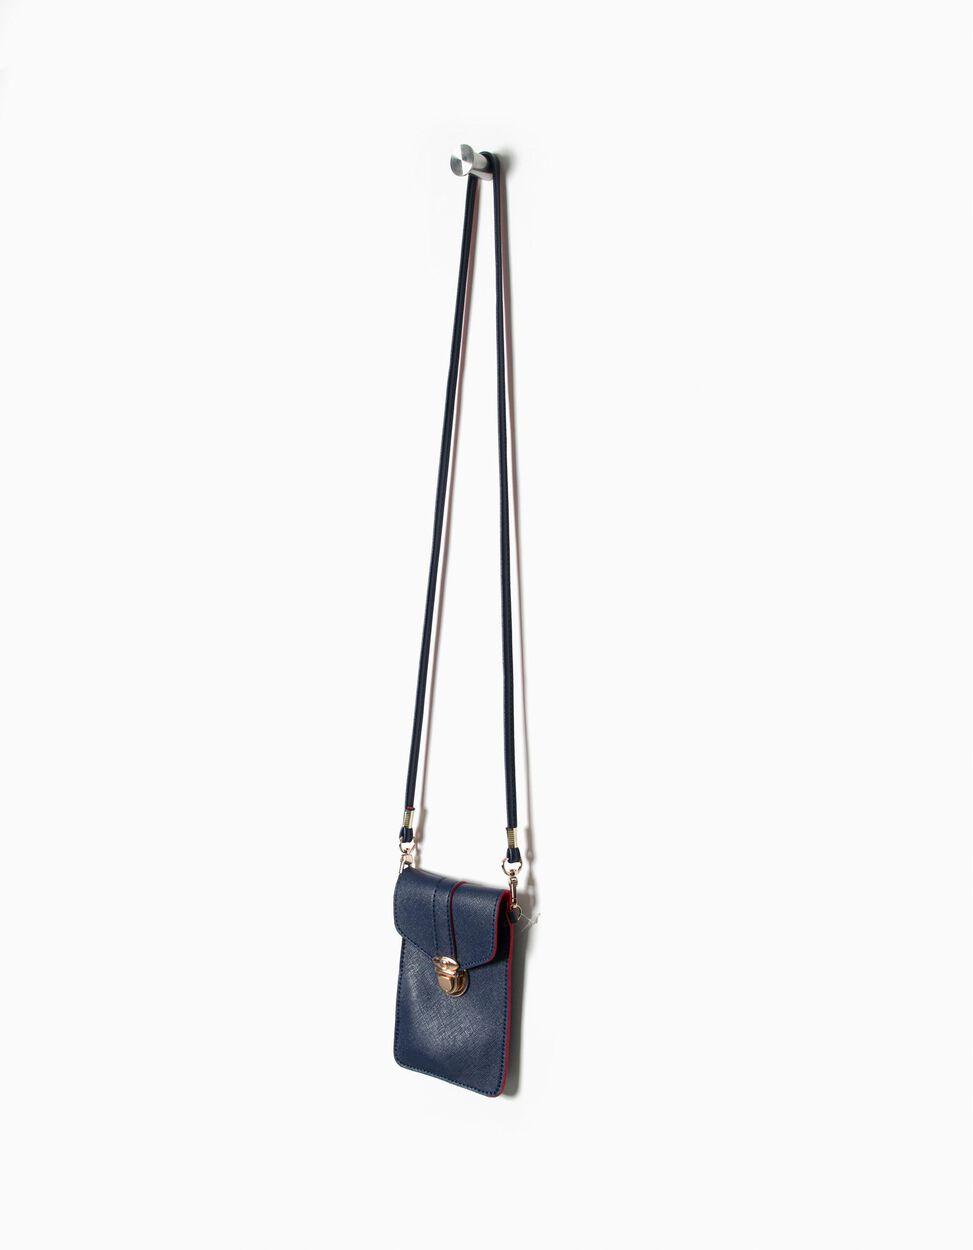 Bolsa telemóvel tiracolo